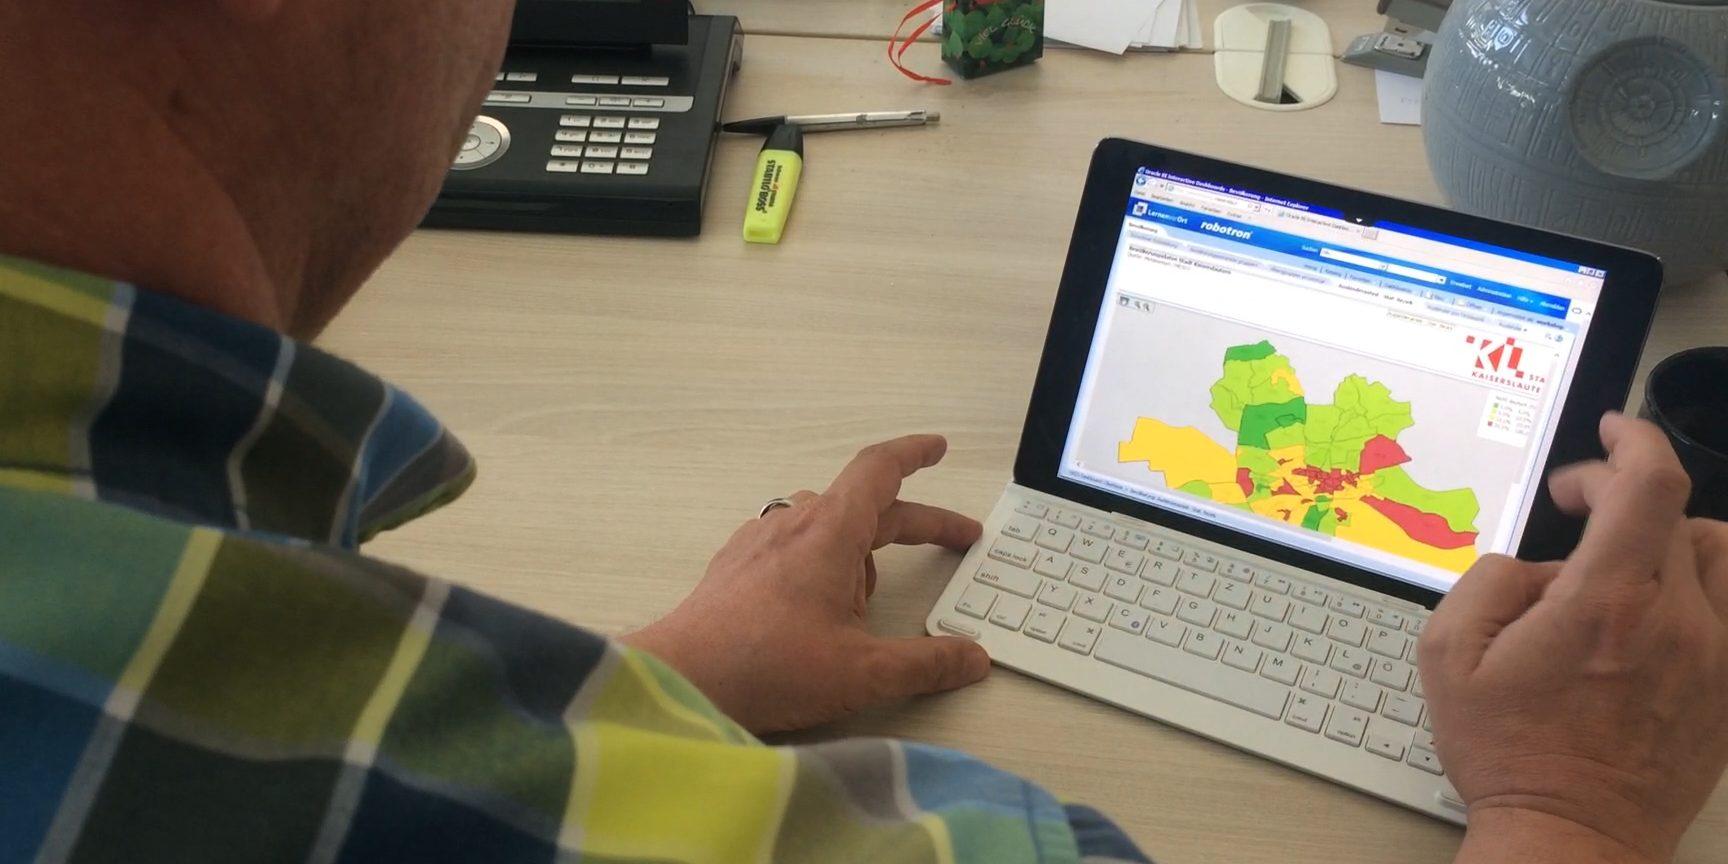 Ein Mann betrachtet auf einem Tablet eine Stadtkarte Kaiserslauterns mit Statistiken